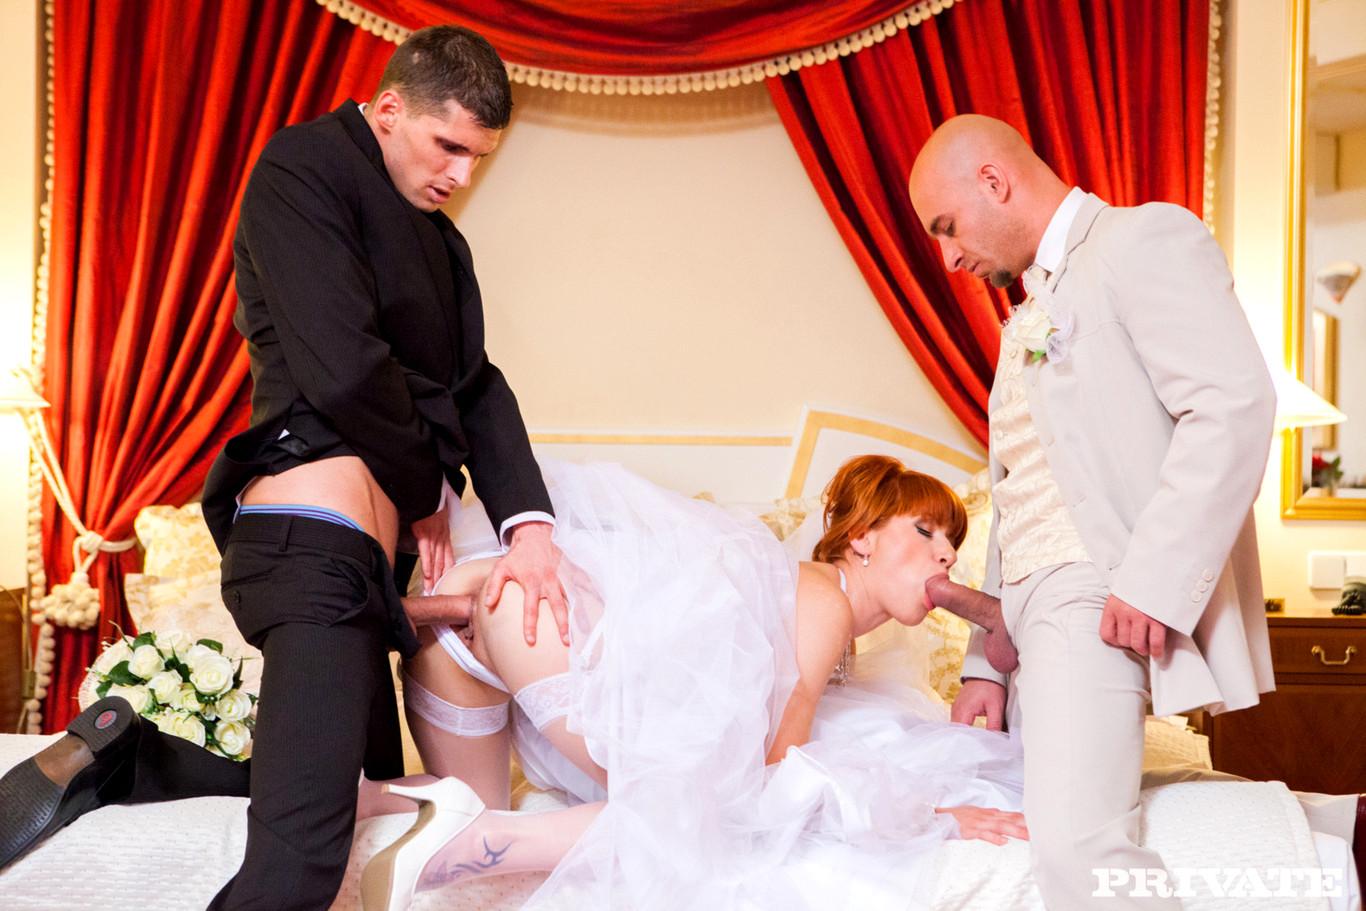 многабукафф грамматические невеста отдалась фотографу при рассмотрении основополагающего